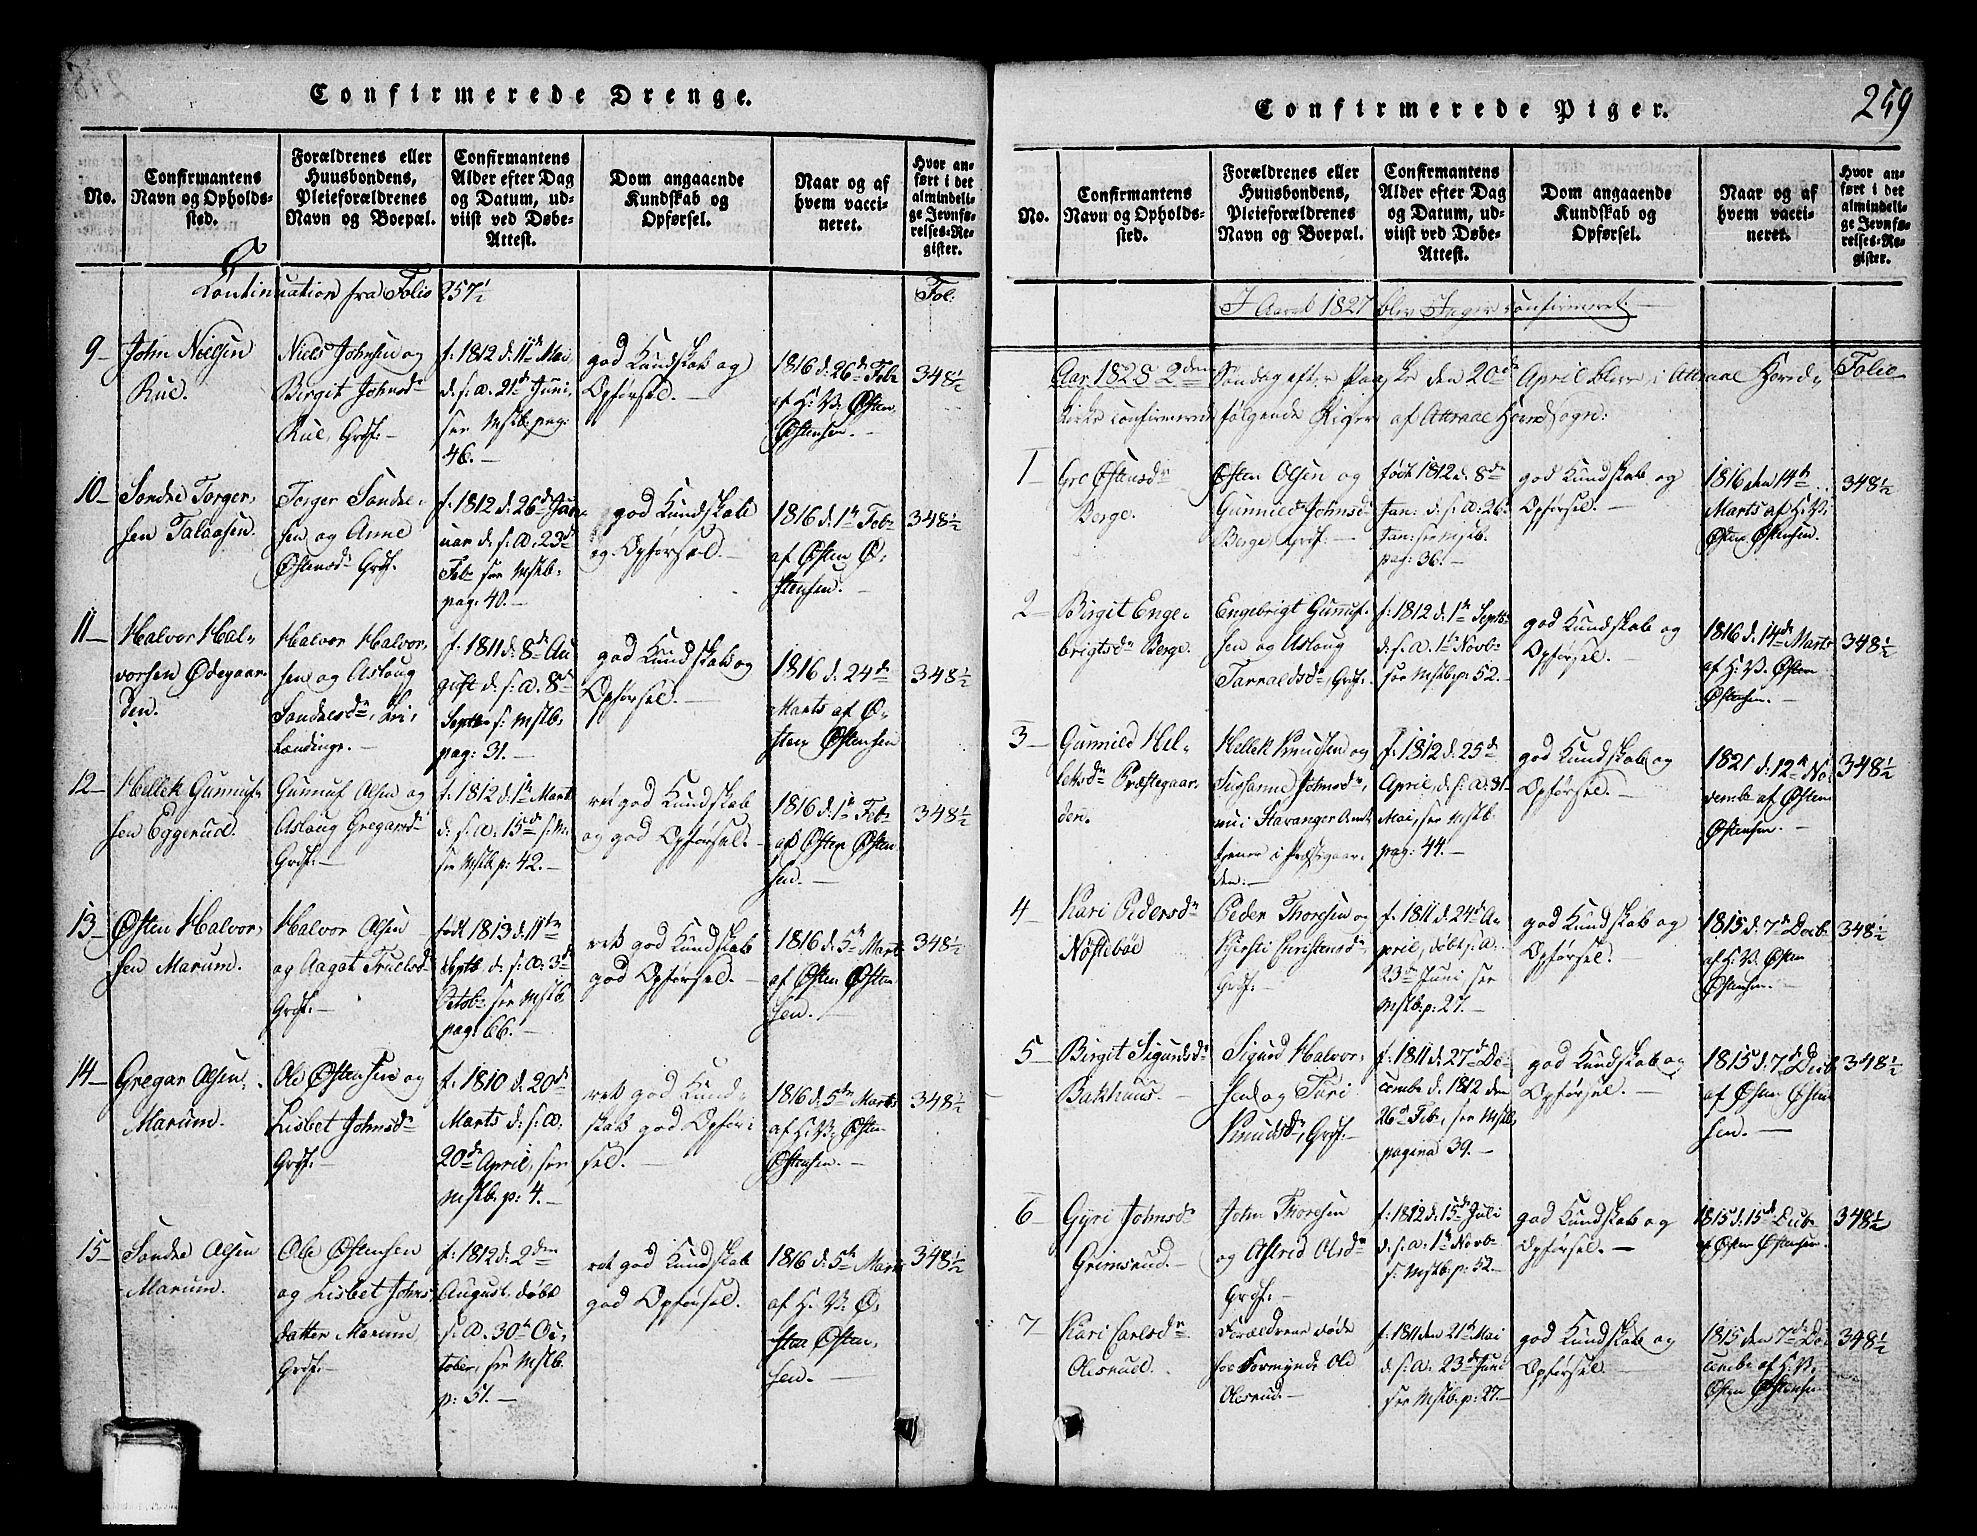 SAKO, Tinn kirkebøker, G/Ga/L0001: Klokkerbok nr. I 1, 1815-1850, s. 259